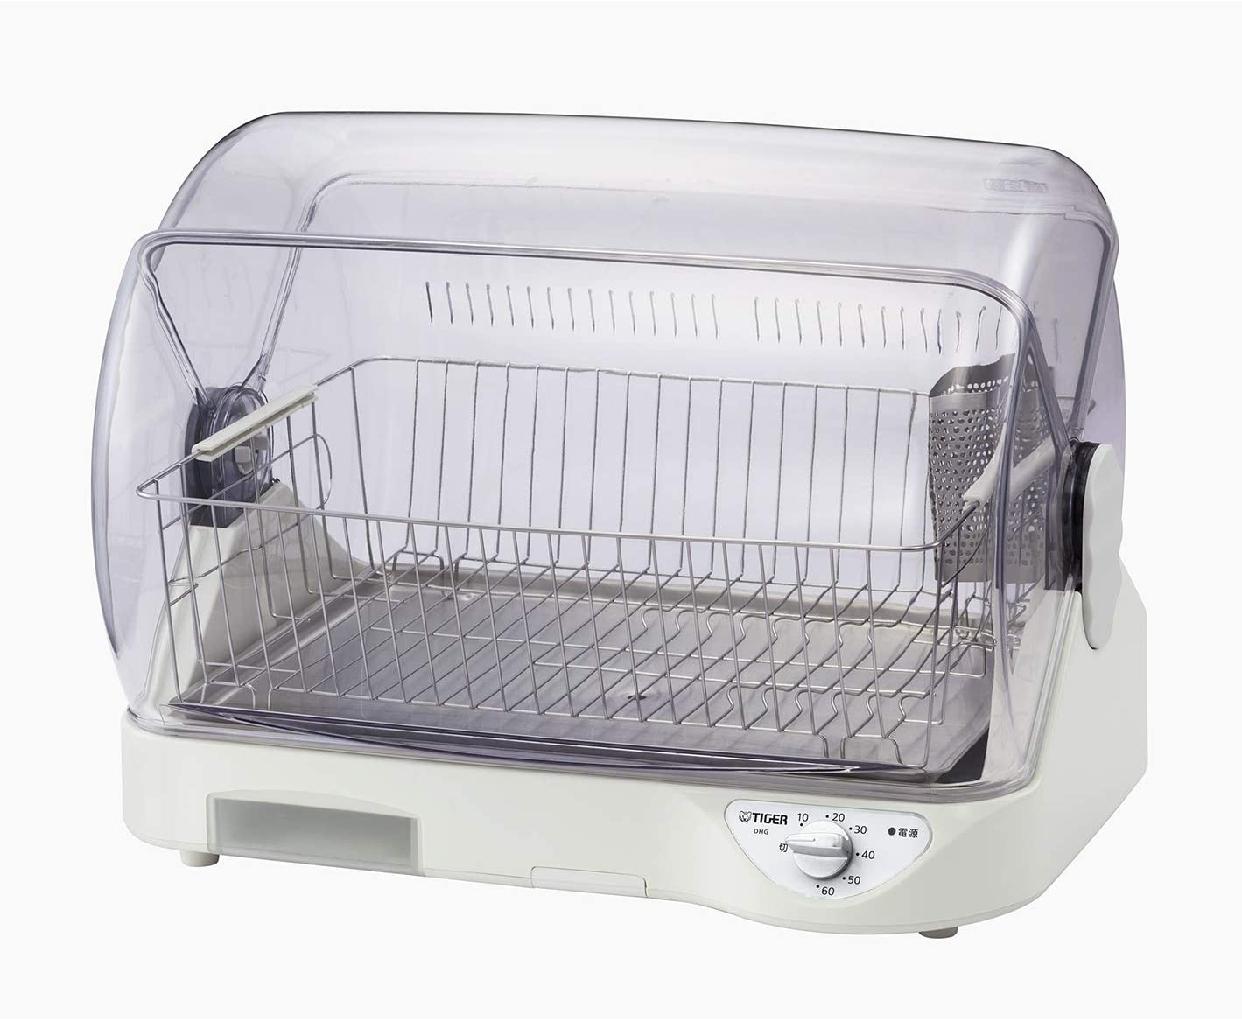 タイガー魔法瓶(TIGER) 食器乾燥器 DHG-S400の商品画像